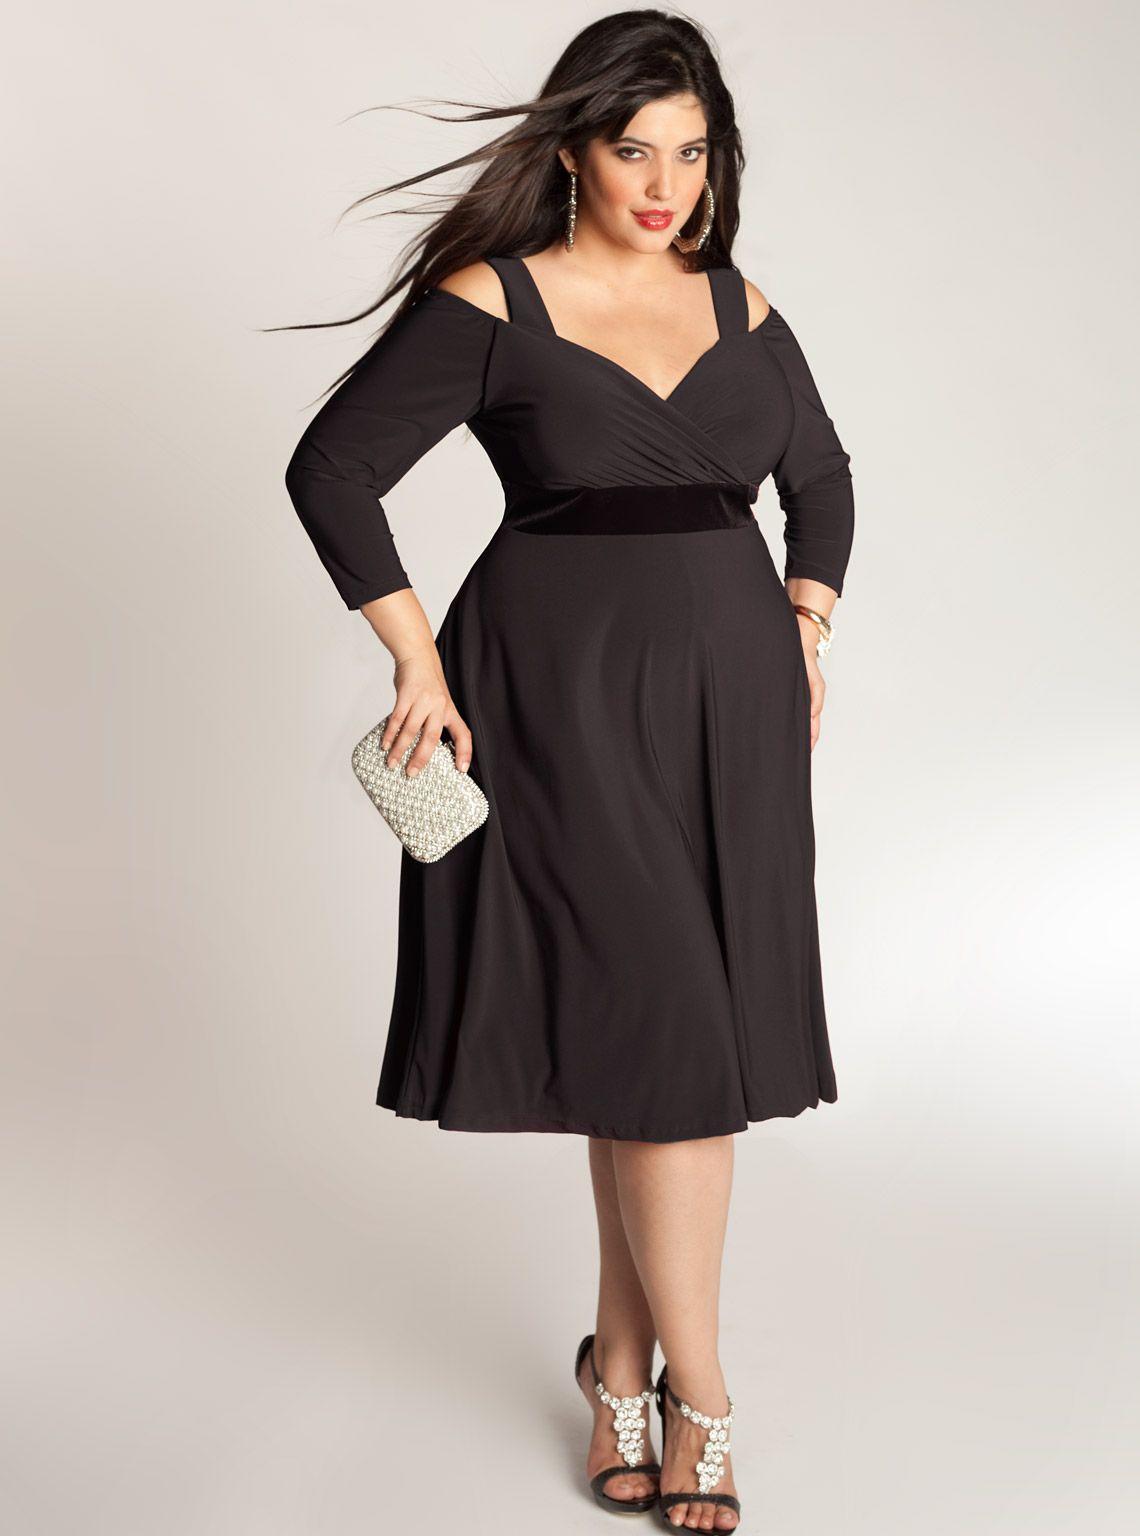 Plus Size Little Black Cocktail Dress